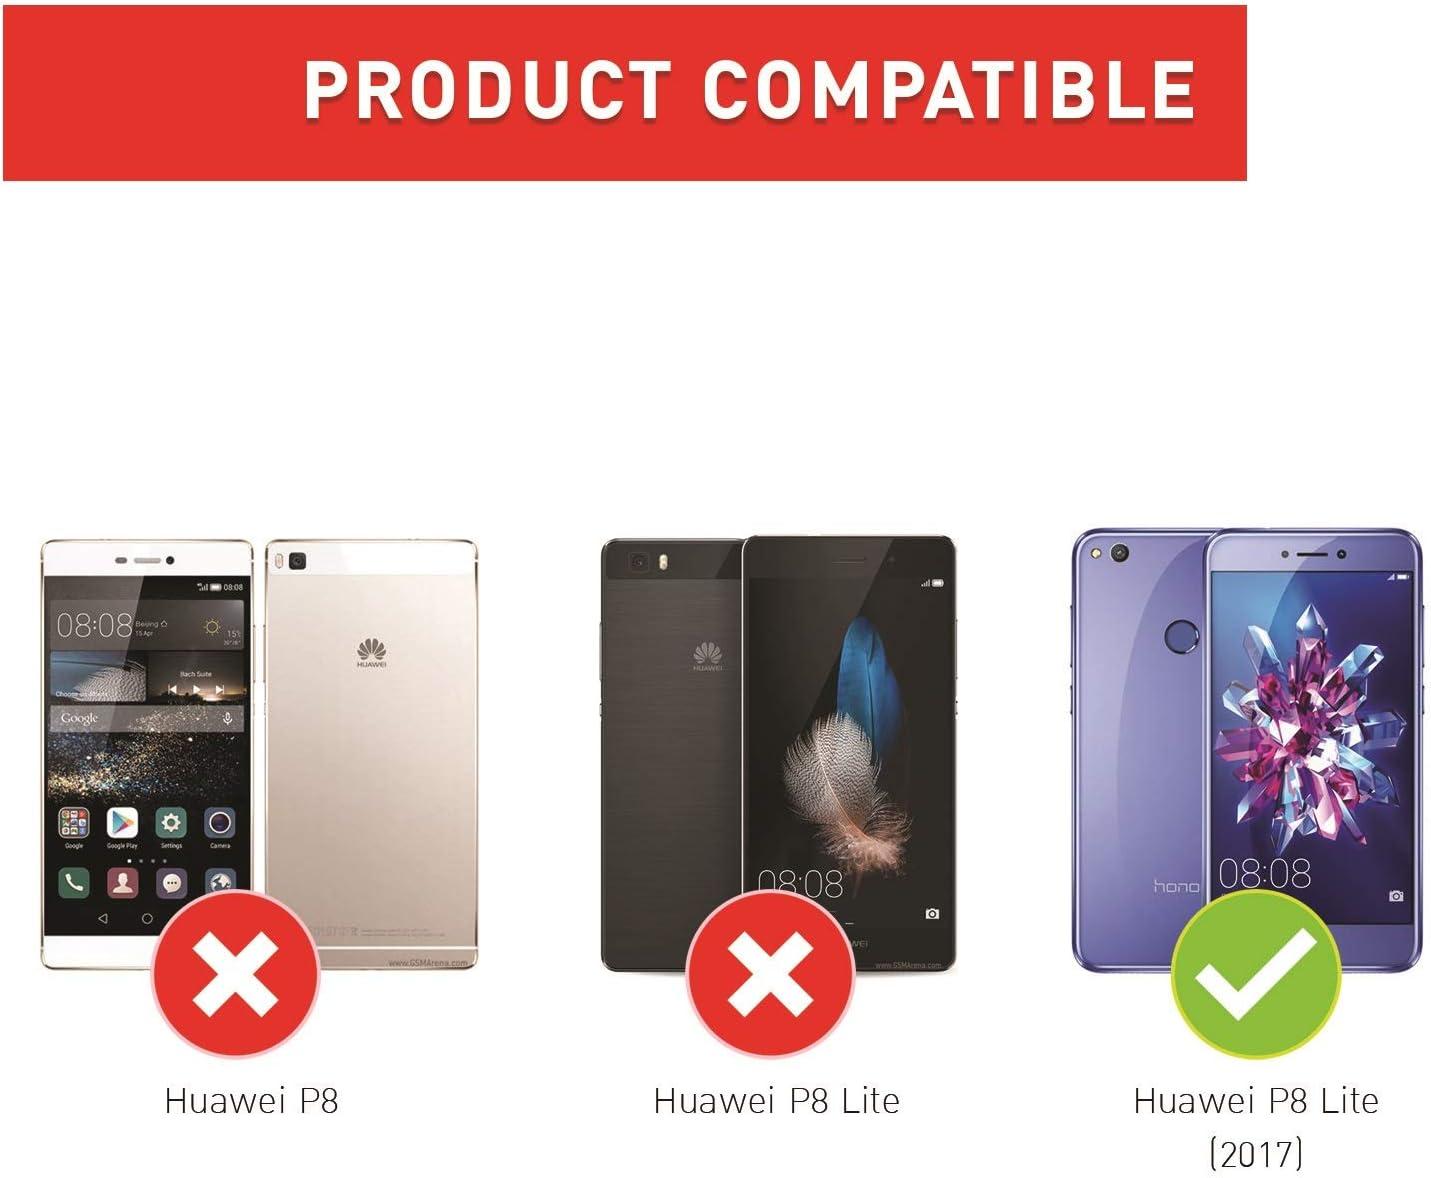 BEZ Funda Huawei P8 Lite 2017, Carcasa Compatible para Huawei P8 Lite 2017, Libro de Cuero con Tapas y Cartera, Cover Protectora con Ranura para Tarjetas y Billetera ...